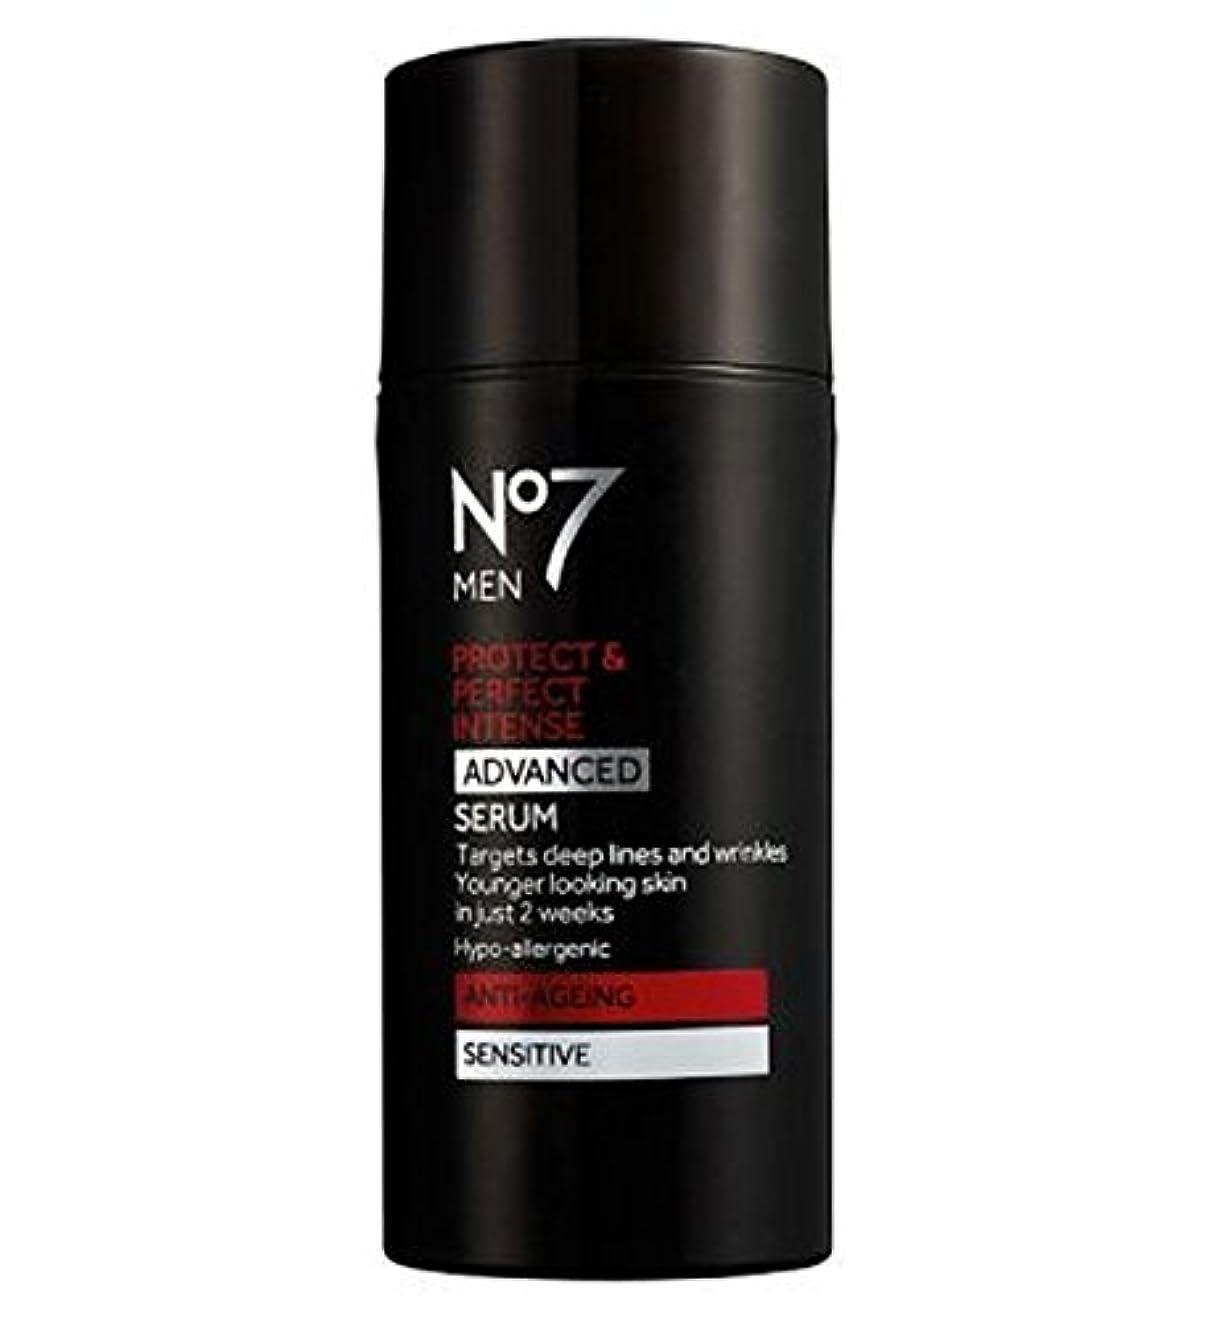 予測子含めるパースブラックボロウNo7 Men Protect & Perfect Intense ADVANCED Serum - No7の男性は強烈な高度な血清を保護&完璧 (No7) [並行輸入品]